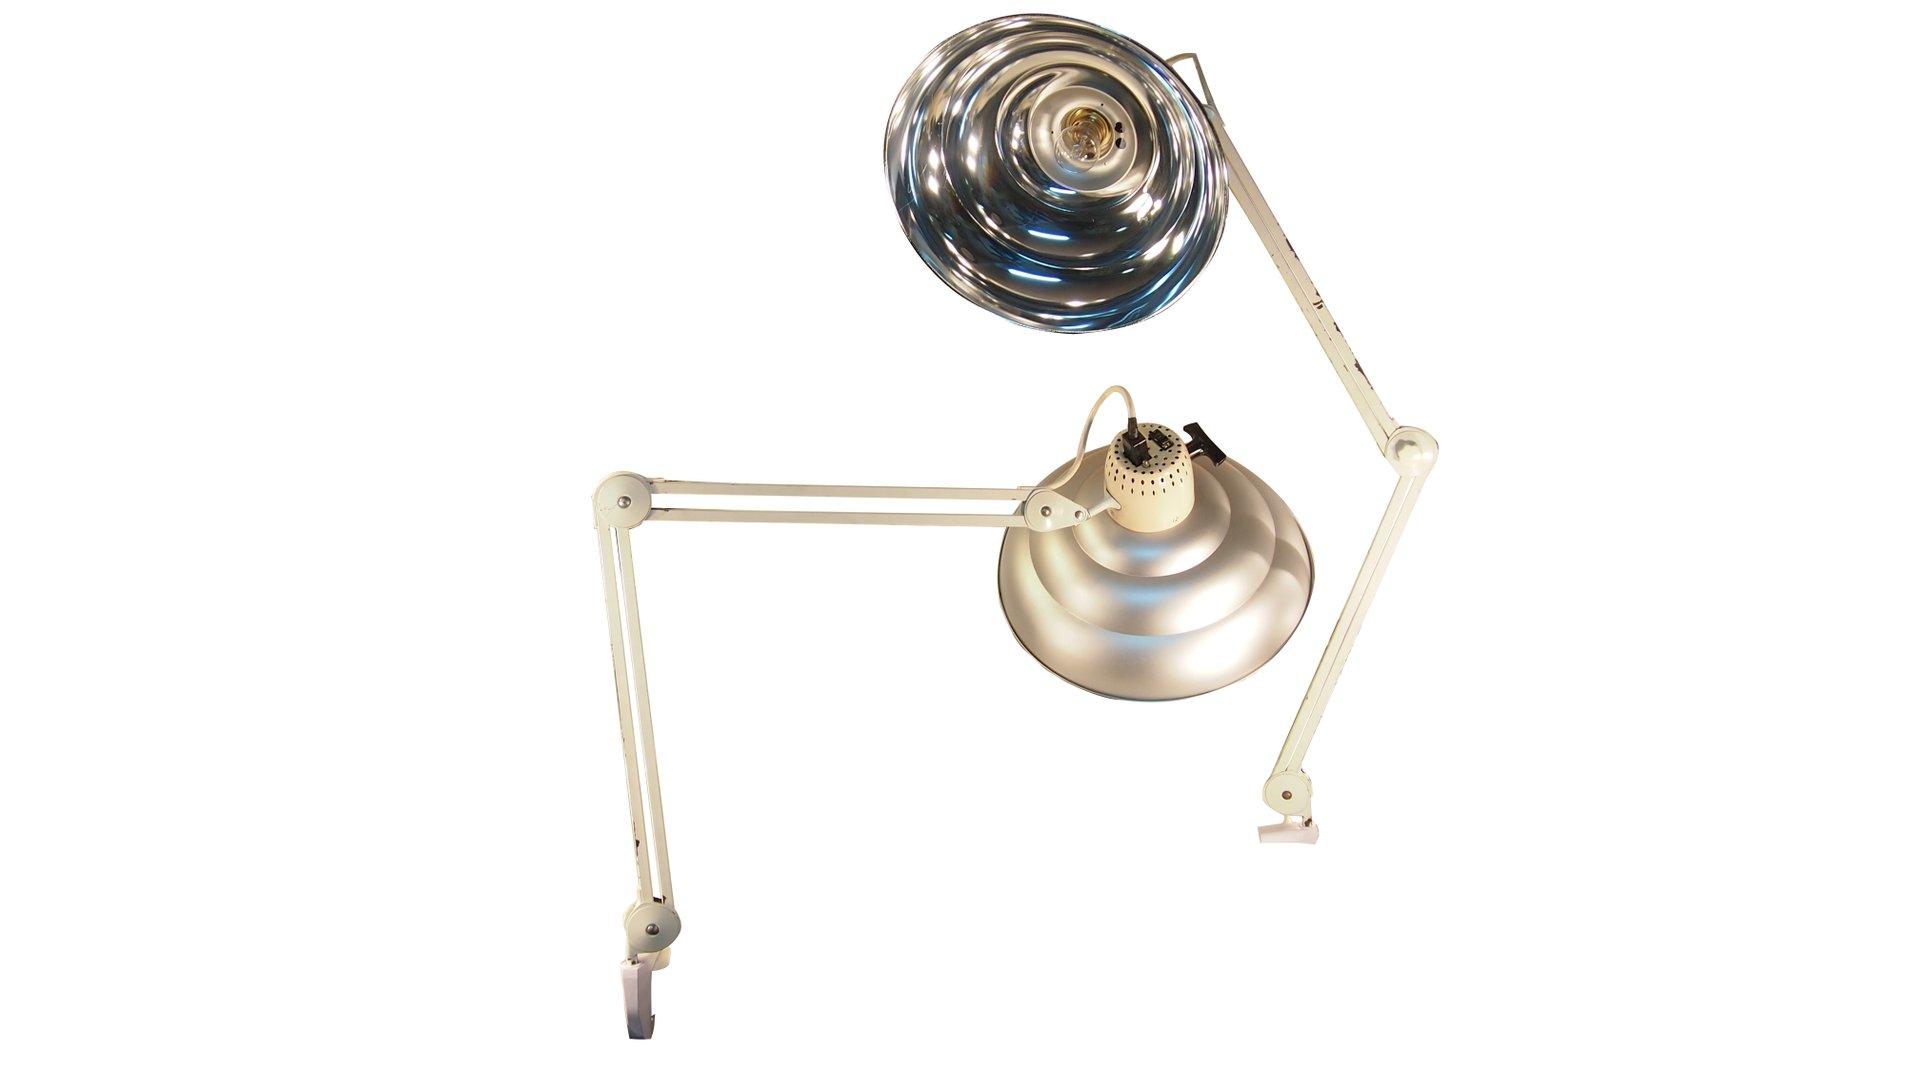 Verstellbare Industrielle Vintage Schreibtischlampen aus Chrom, 2er Se...